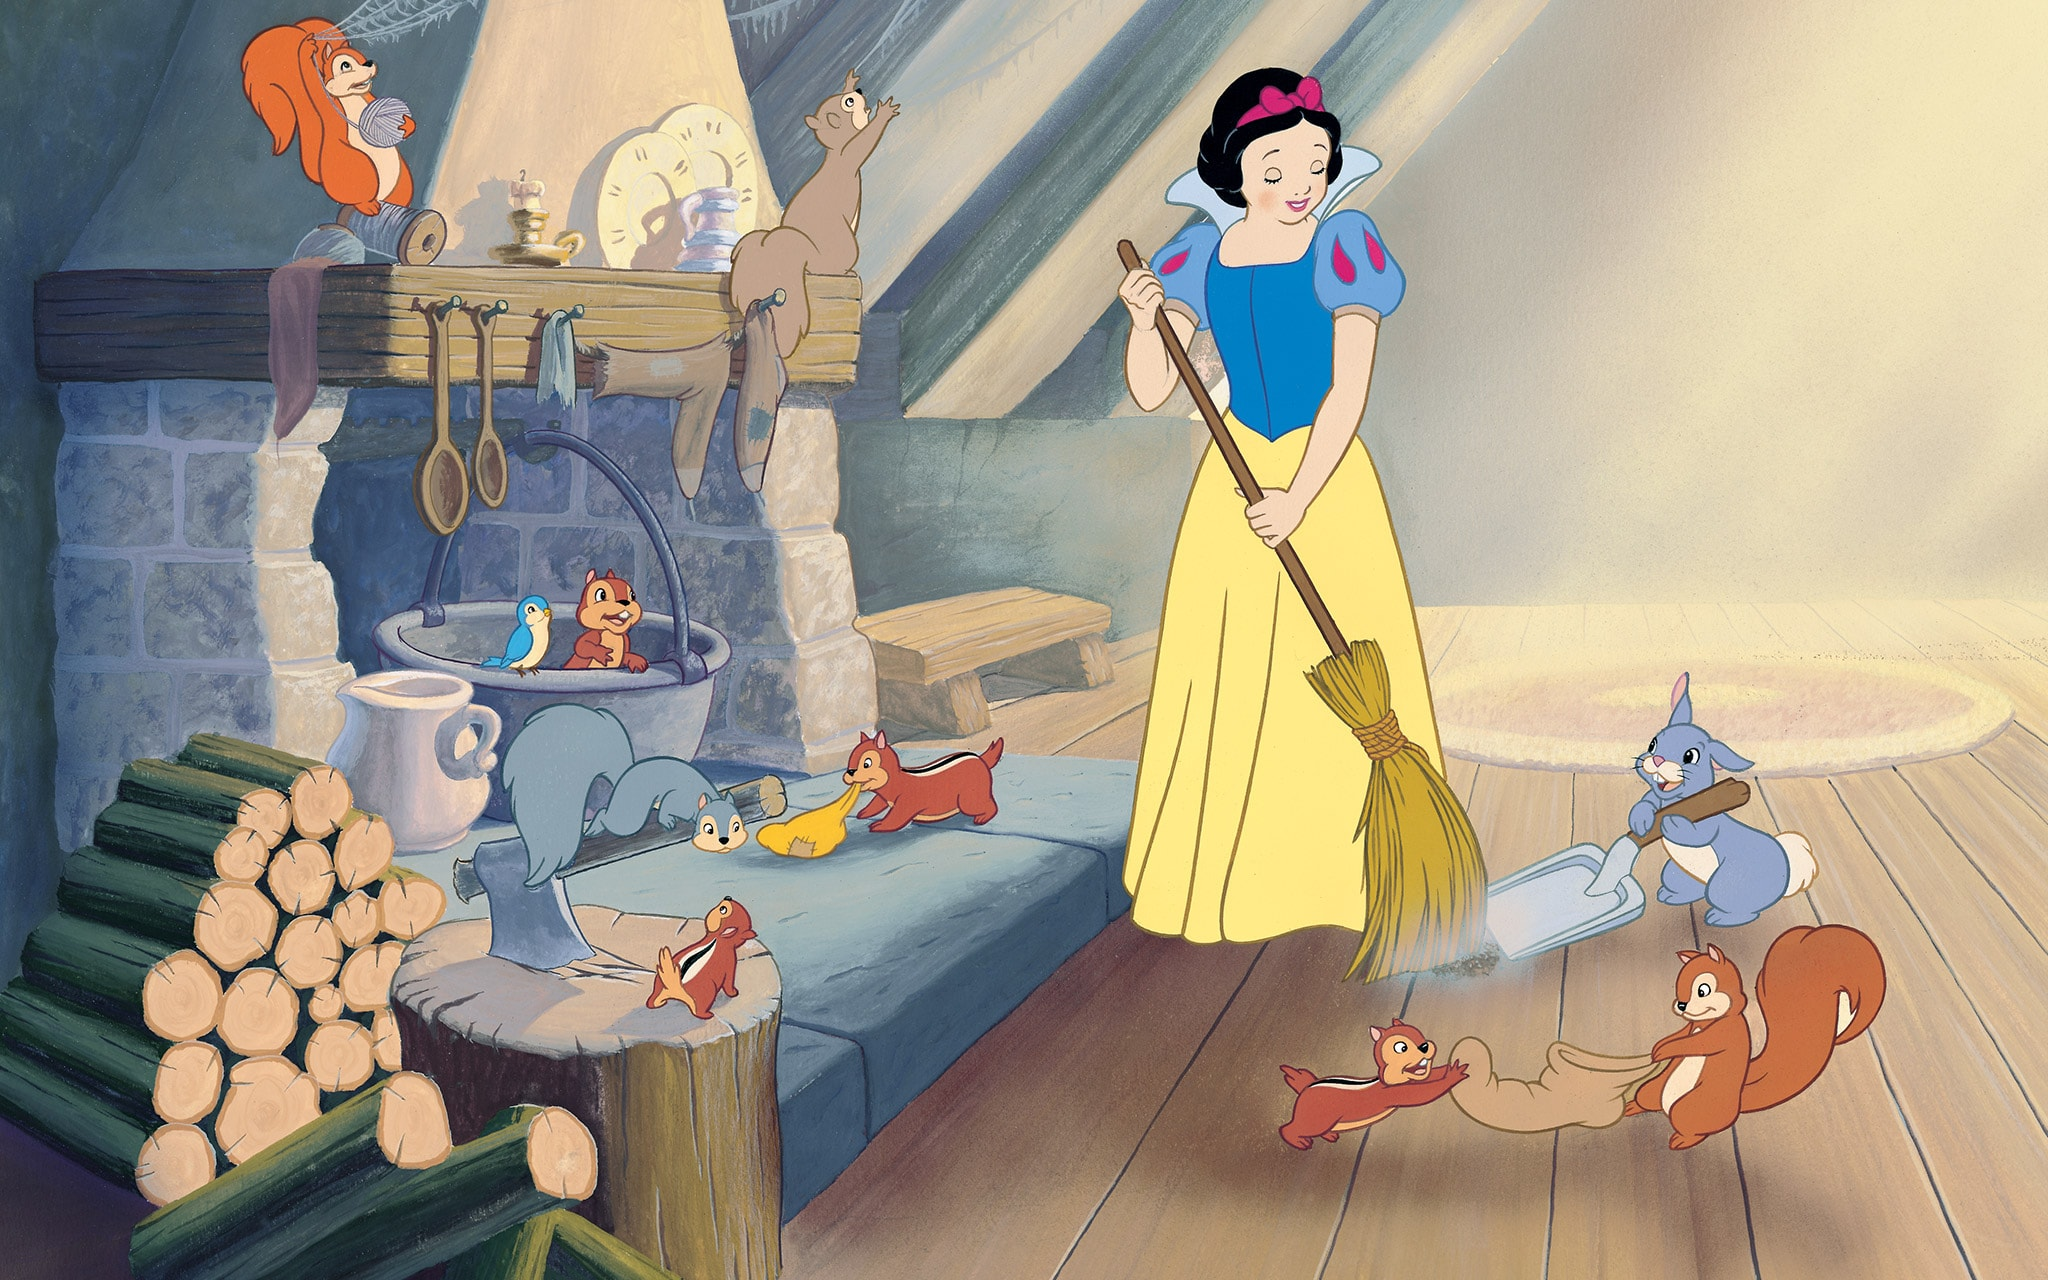 Cuentos De Princesas La Historia De Blanca Nieves Disney Ajá